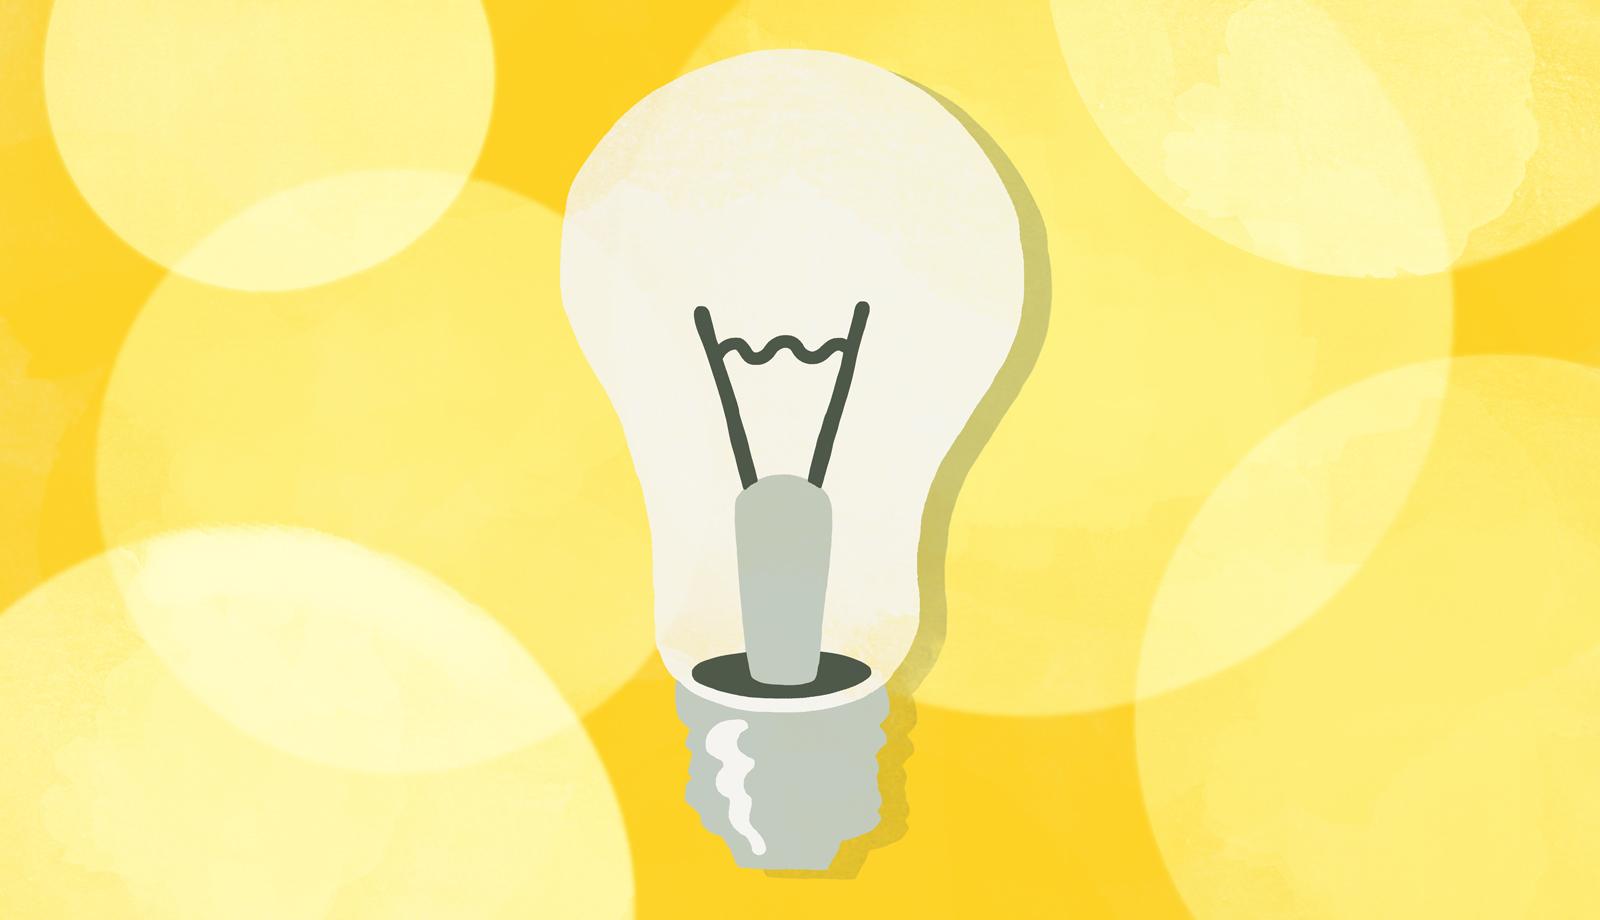 広がる、つながる!アイデア発想法